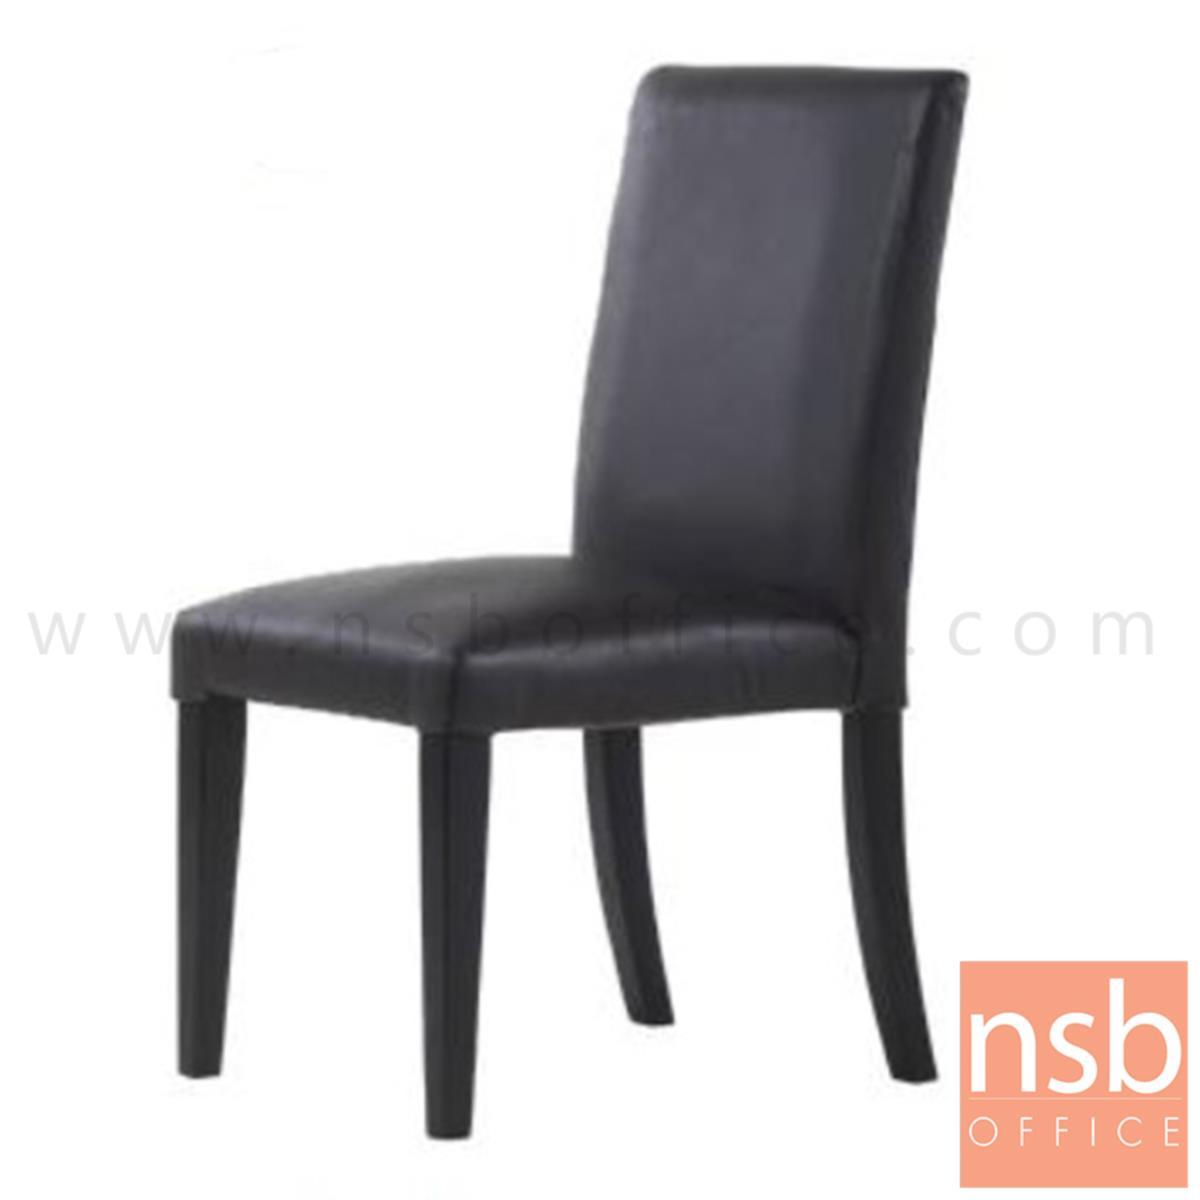 G14A056:เก้าอี้ไม้ยางพาราที่นั่งหุ้มหนังเทียม รุ่น Karolina (คาโรไลน่า) ขาไม้